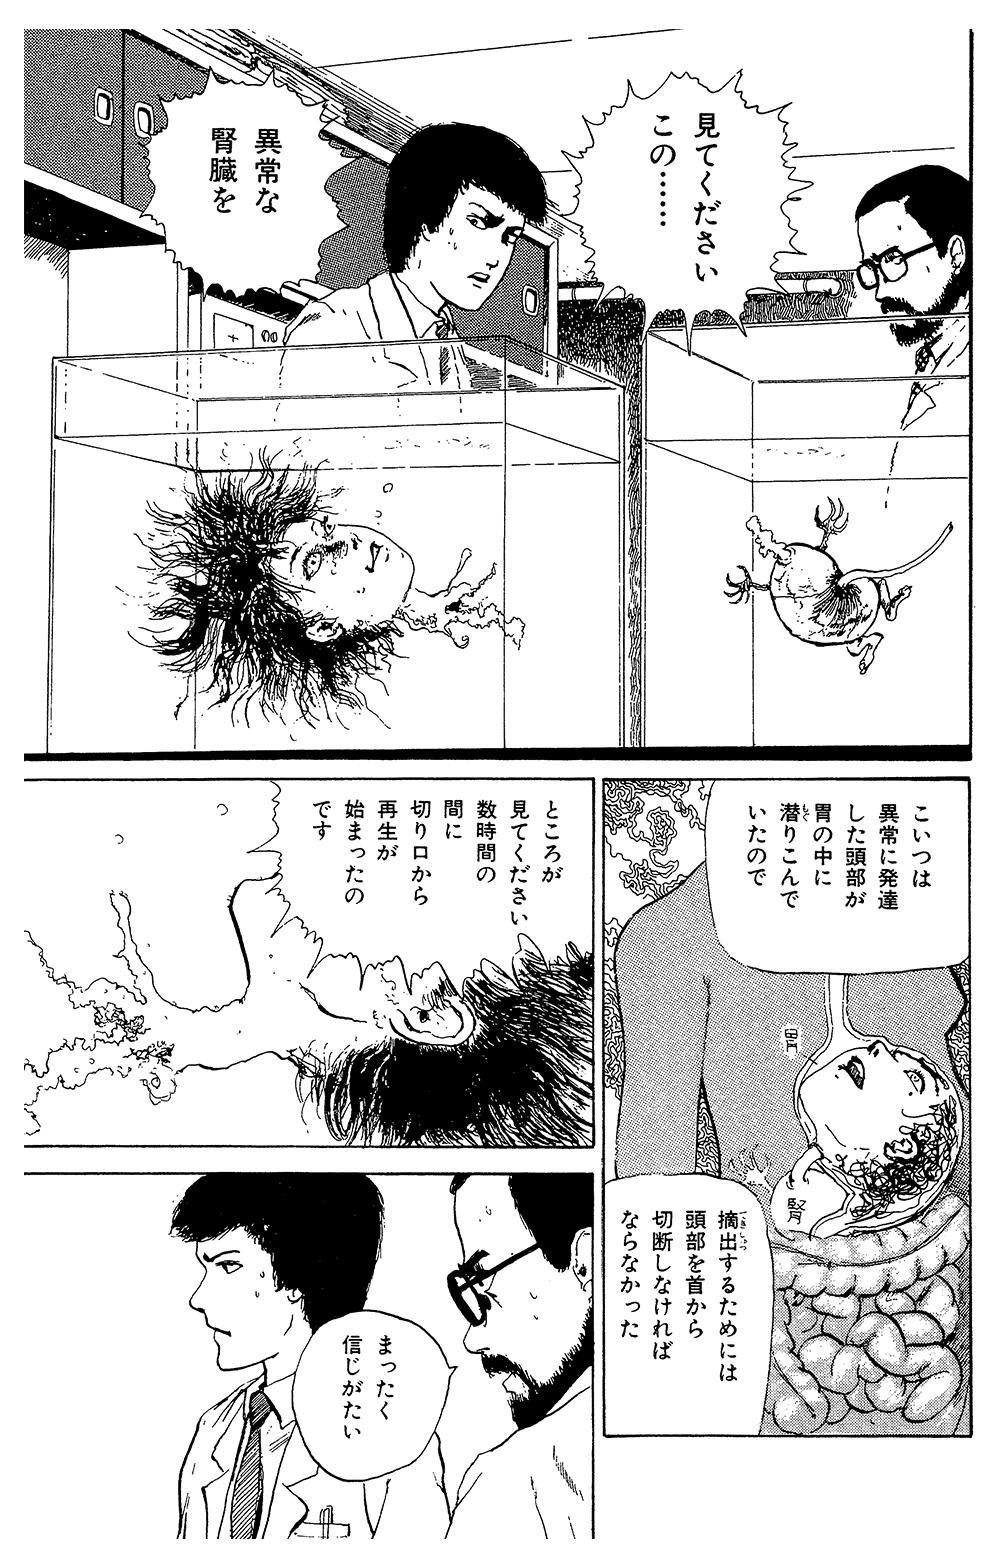 伊藤潤二傑作集 第3話「富江 地下室」①junji06-07.jpg